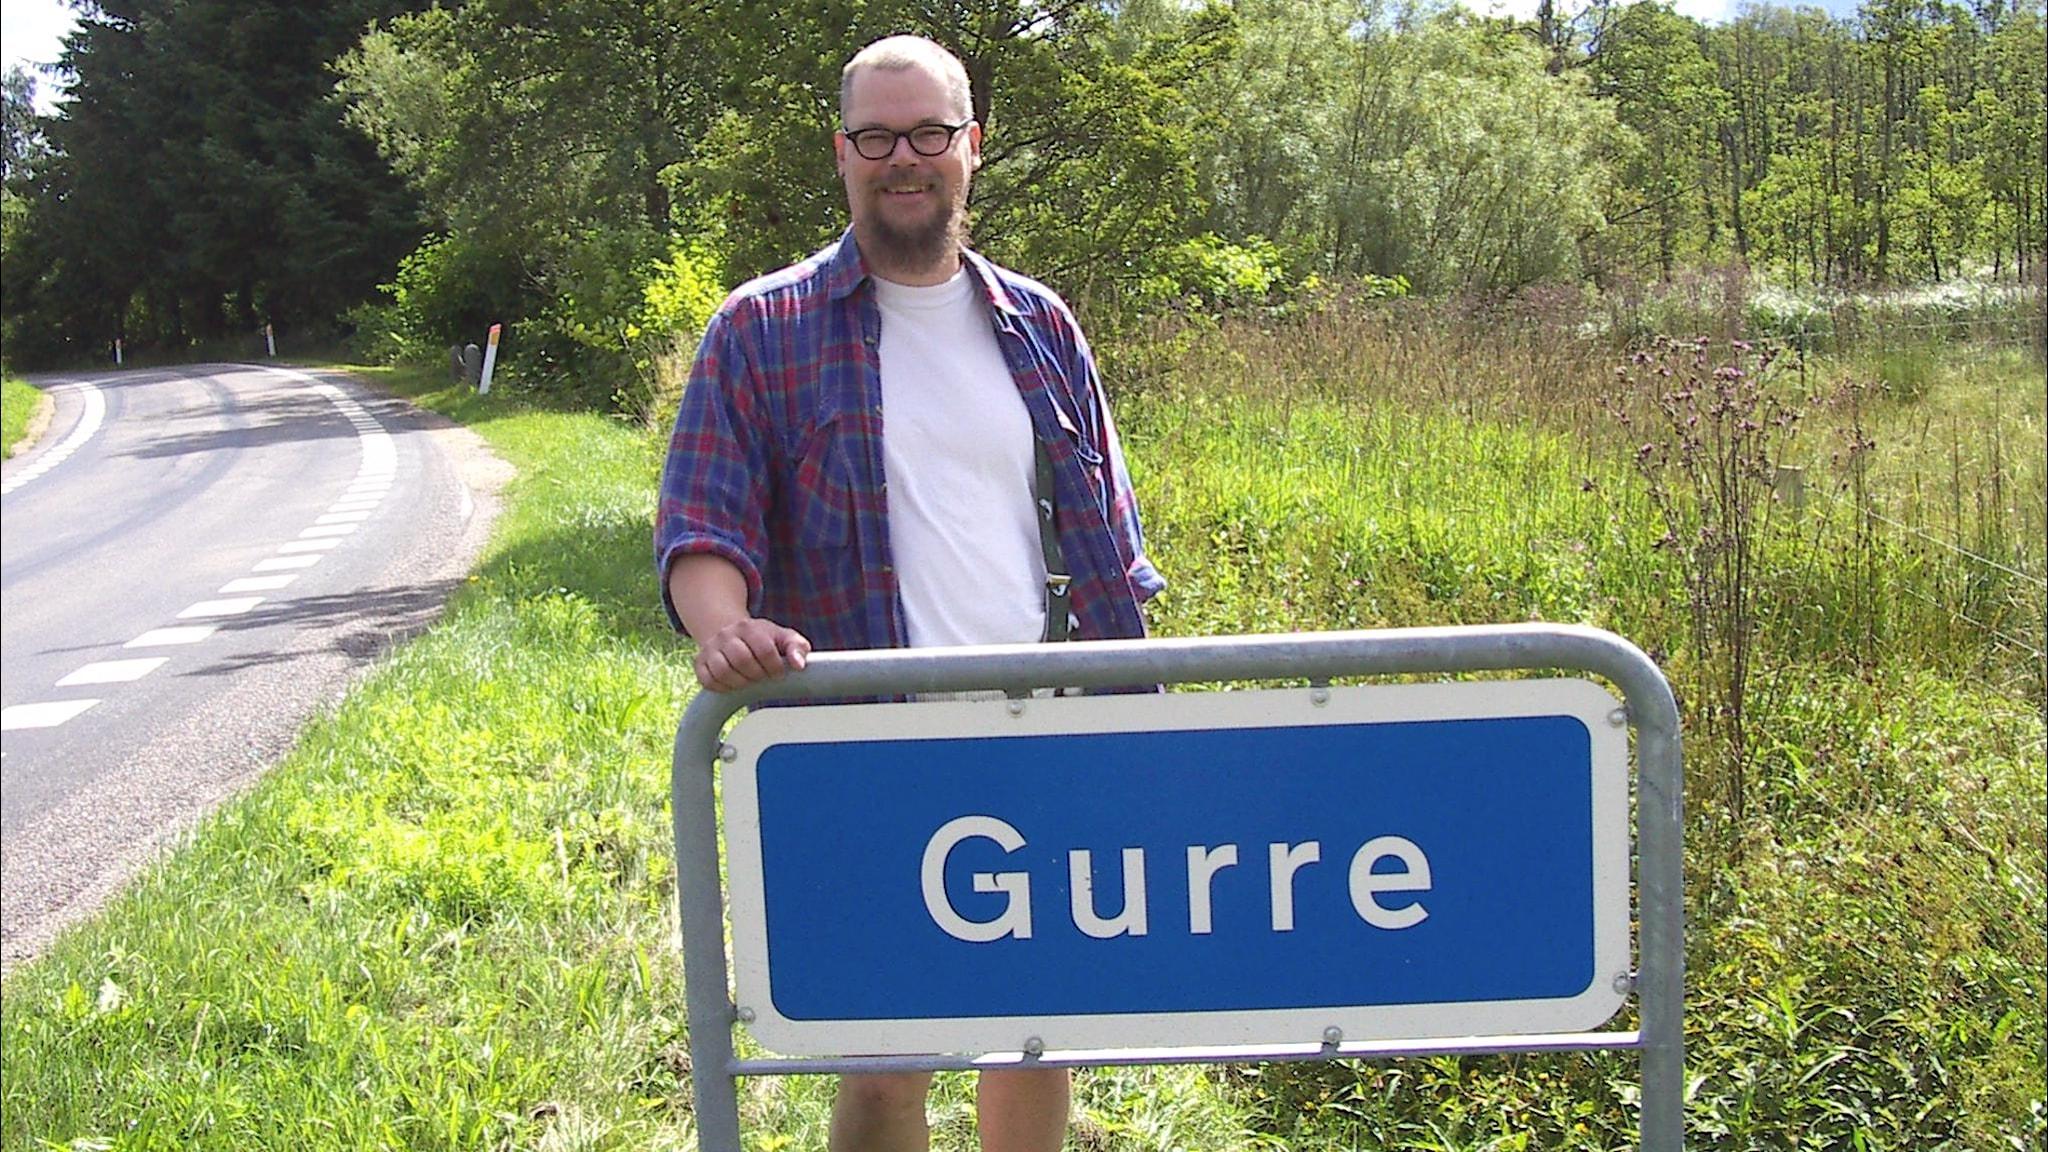 Har du varit i Gurre?